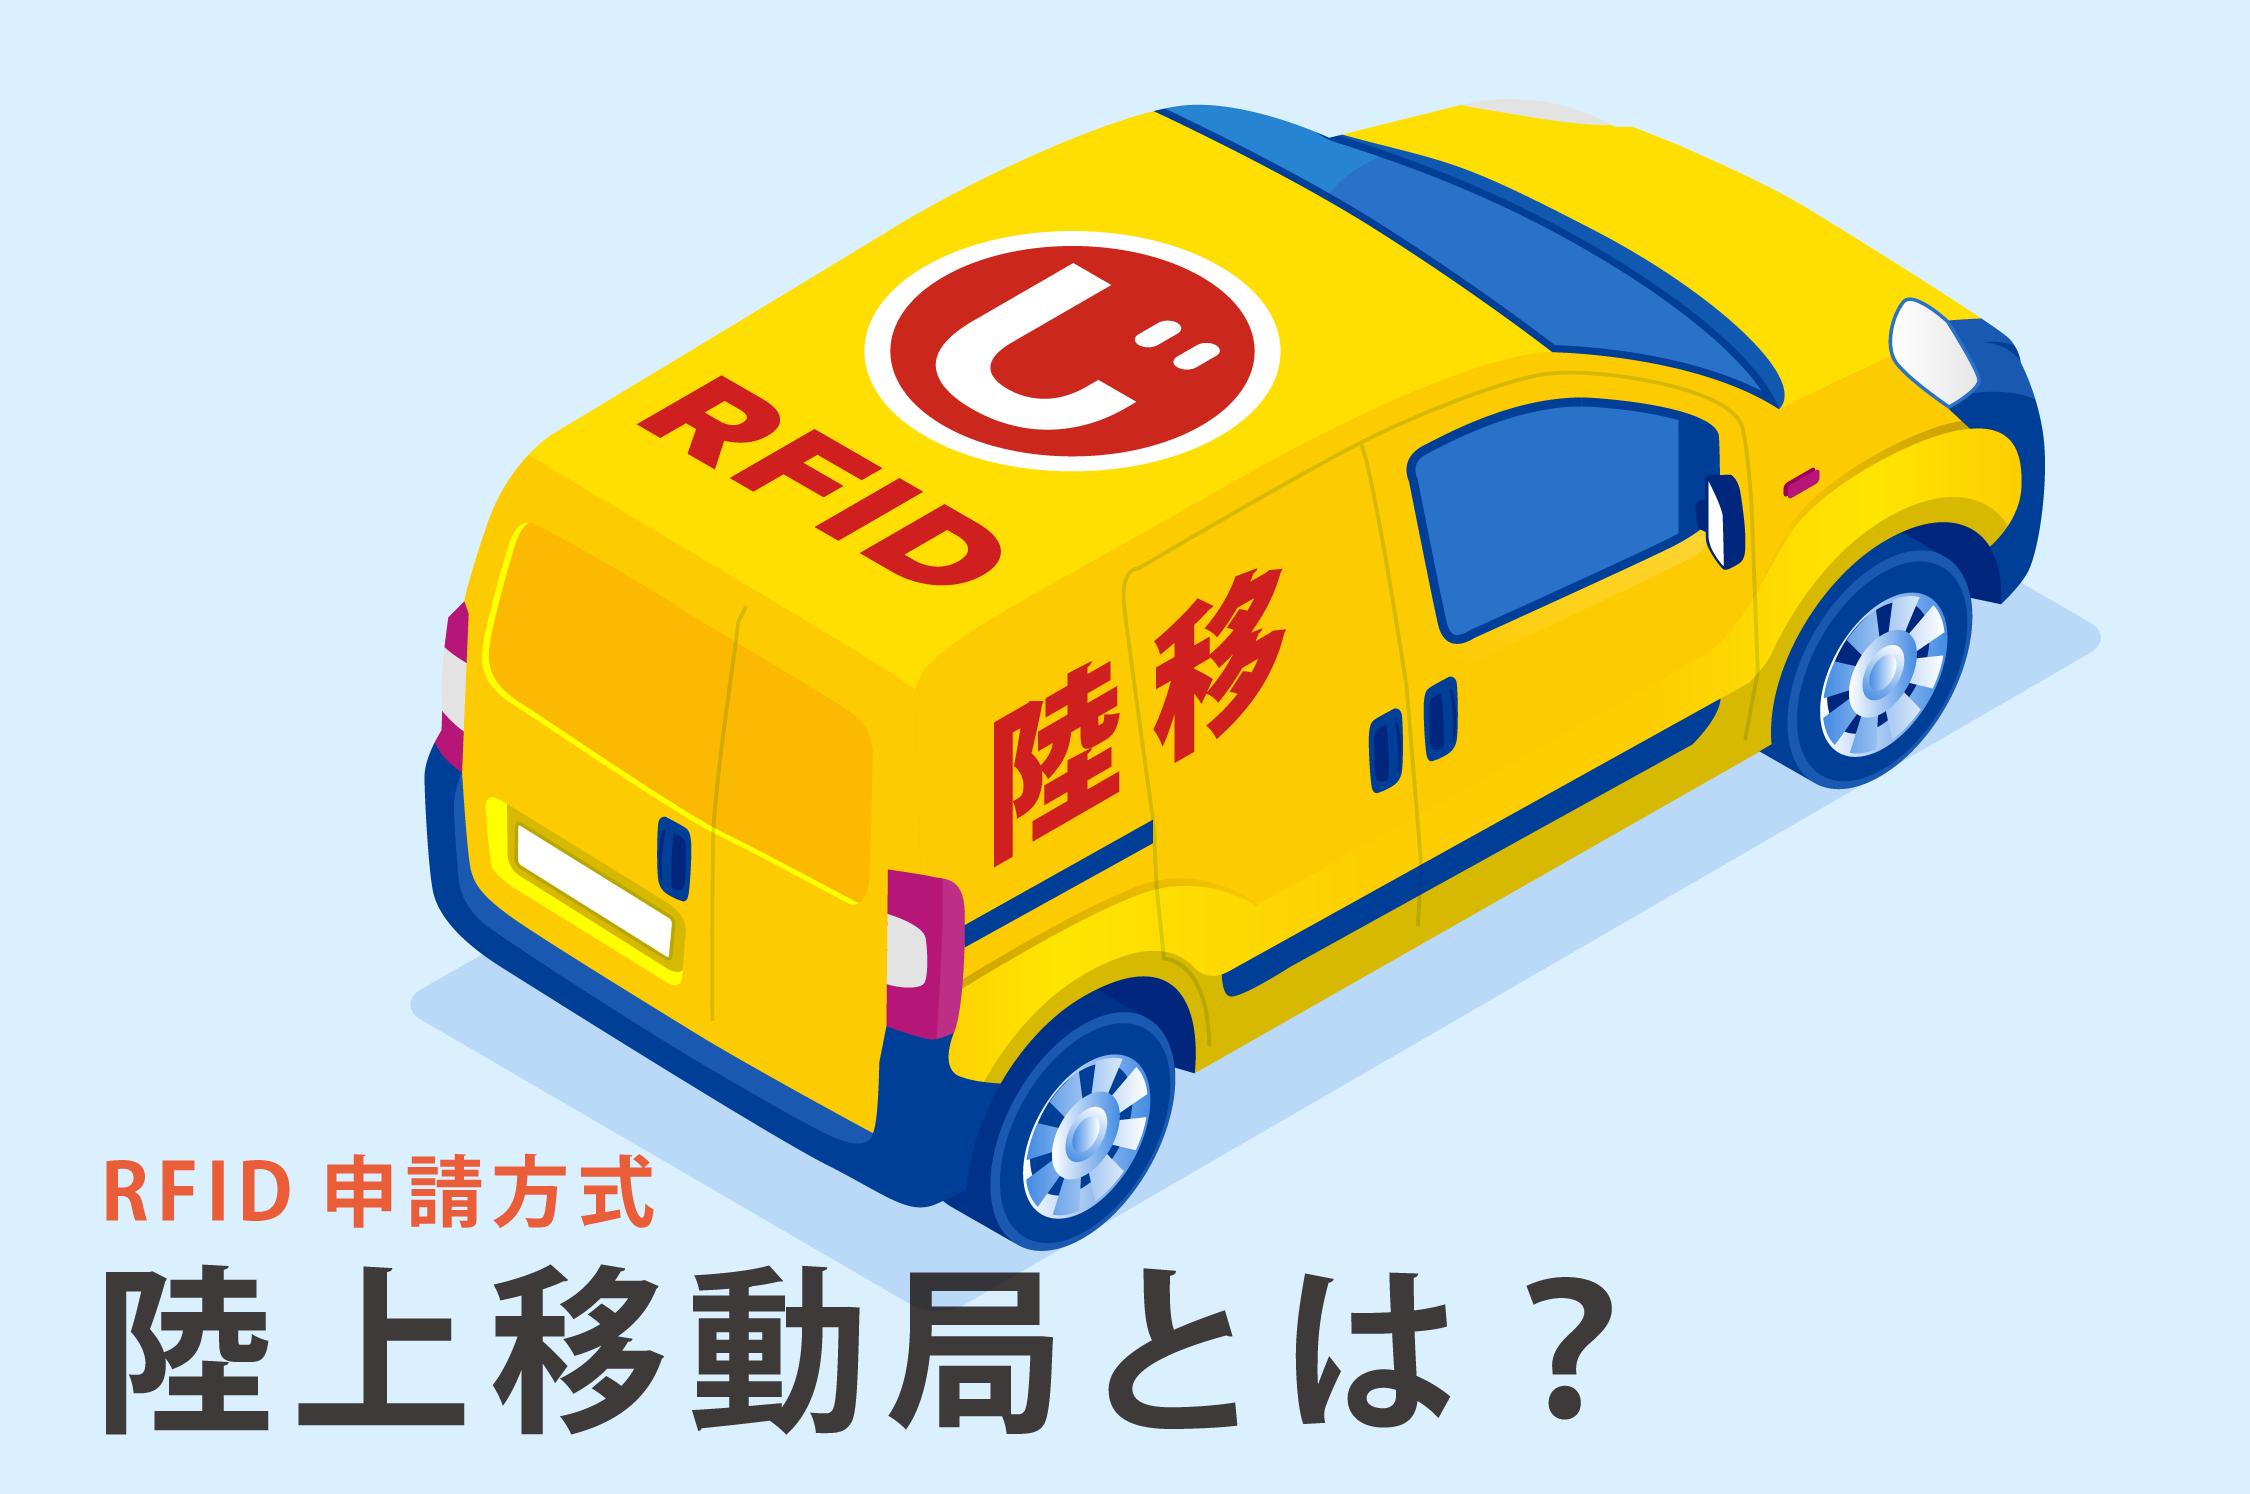 陸上移動局とは?|RFIDの電波申請方法|自動認識の【じ】|自動認識を ...